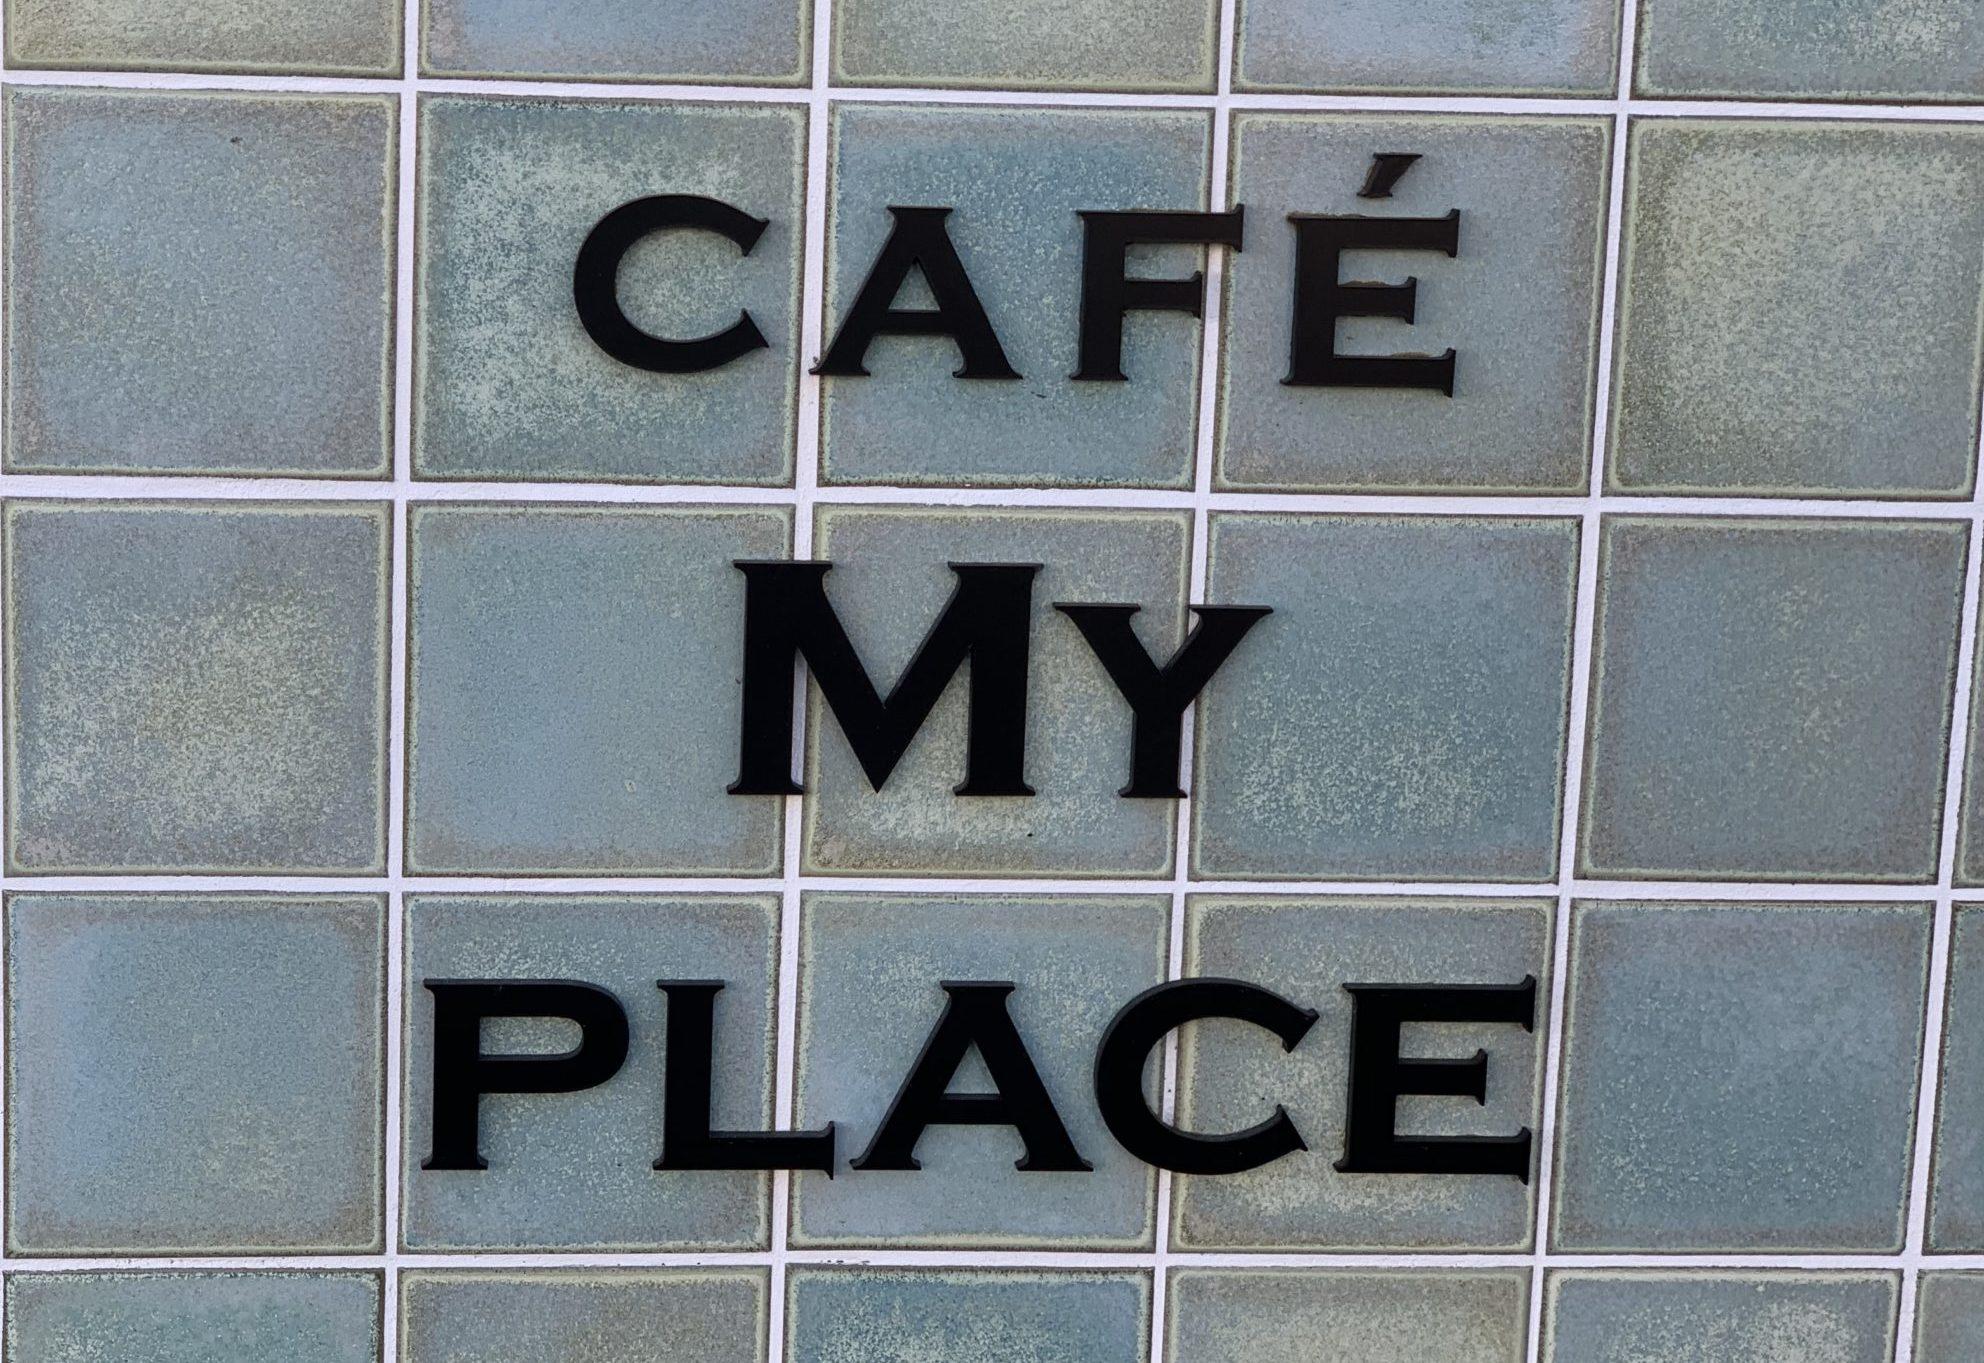 妙典駅 打ち合わせカフェ CAFE My Place